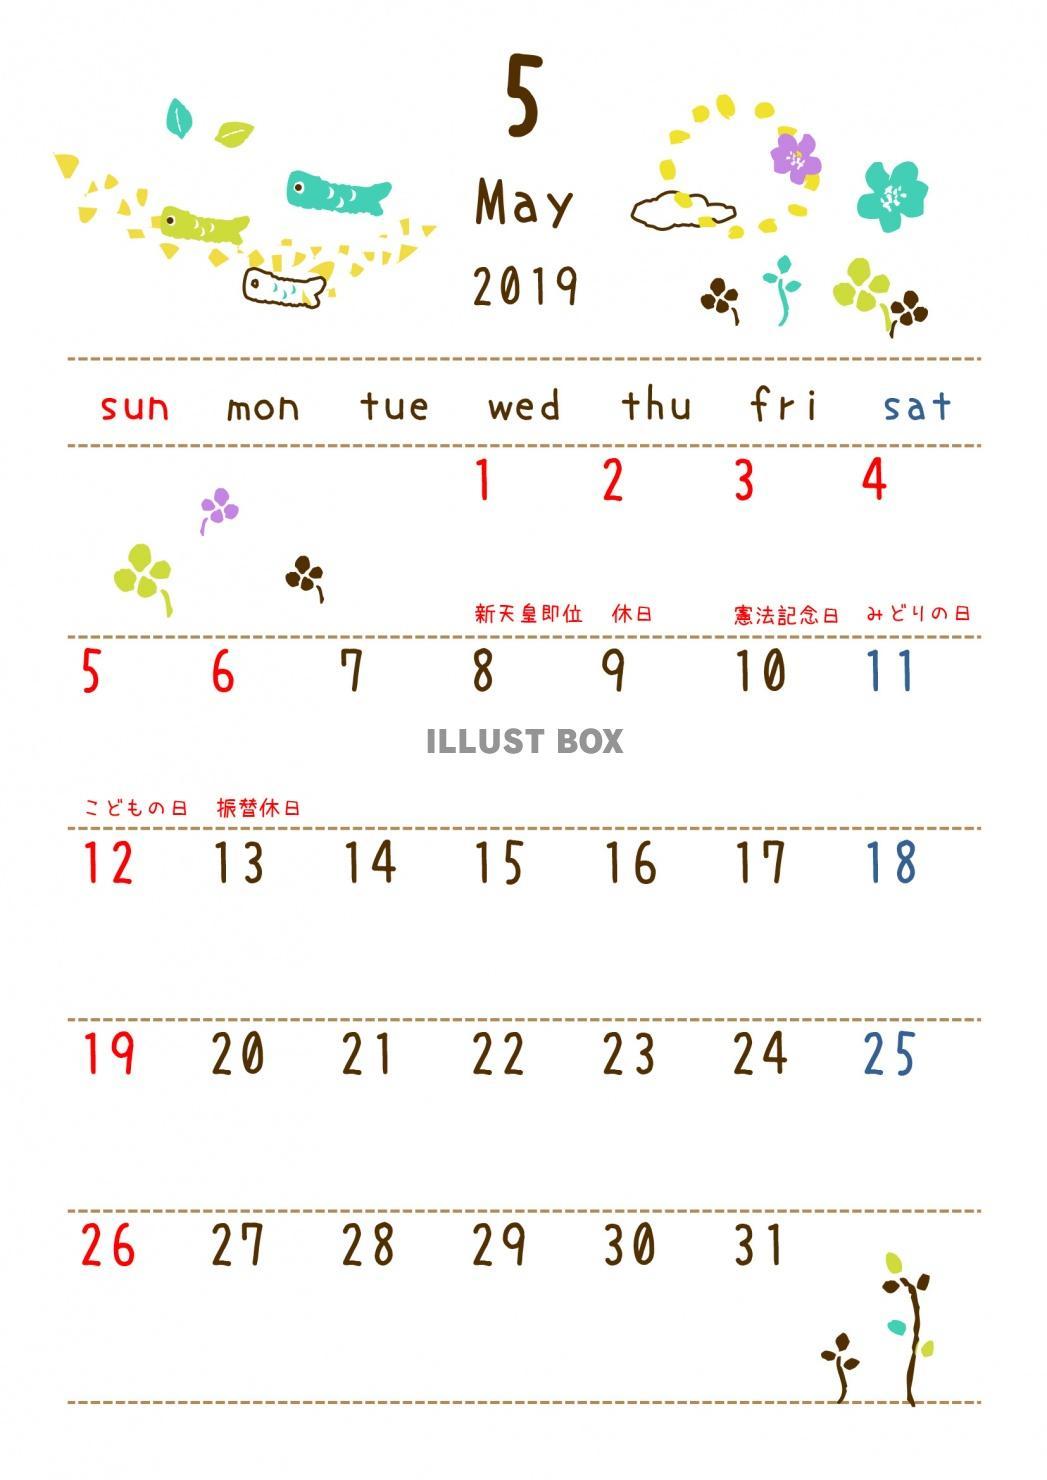 無料イラスト 19年5月 カレンダー 季節の落書き